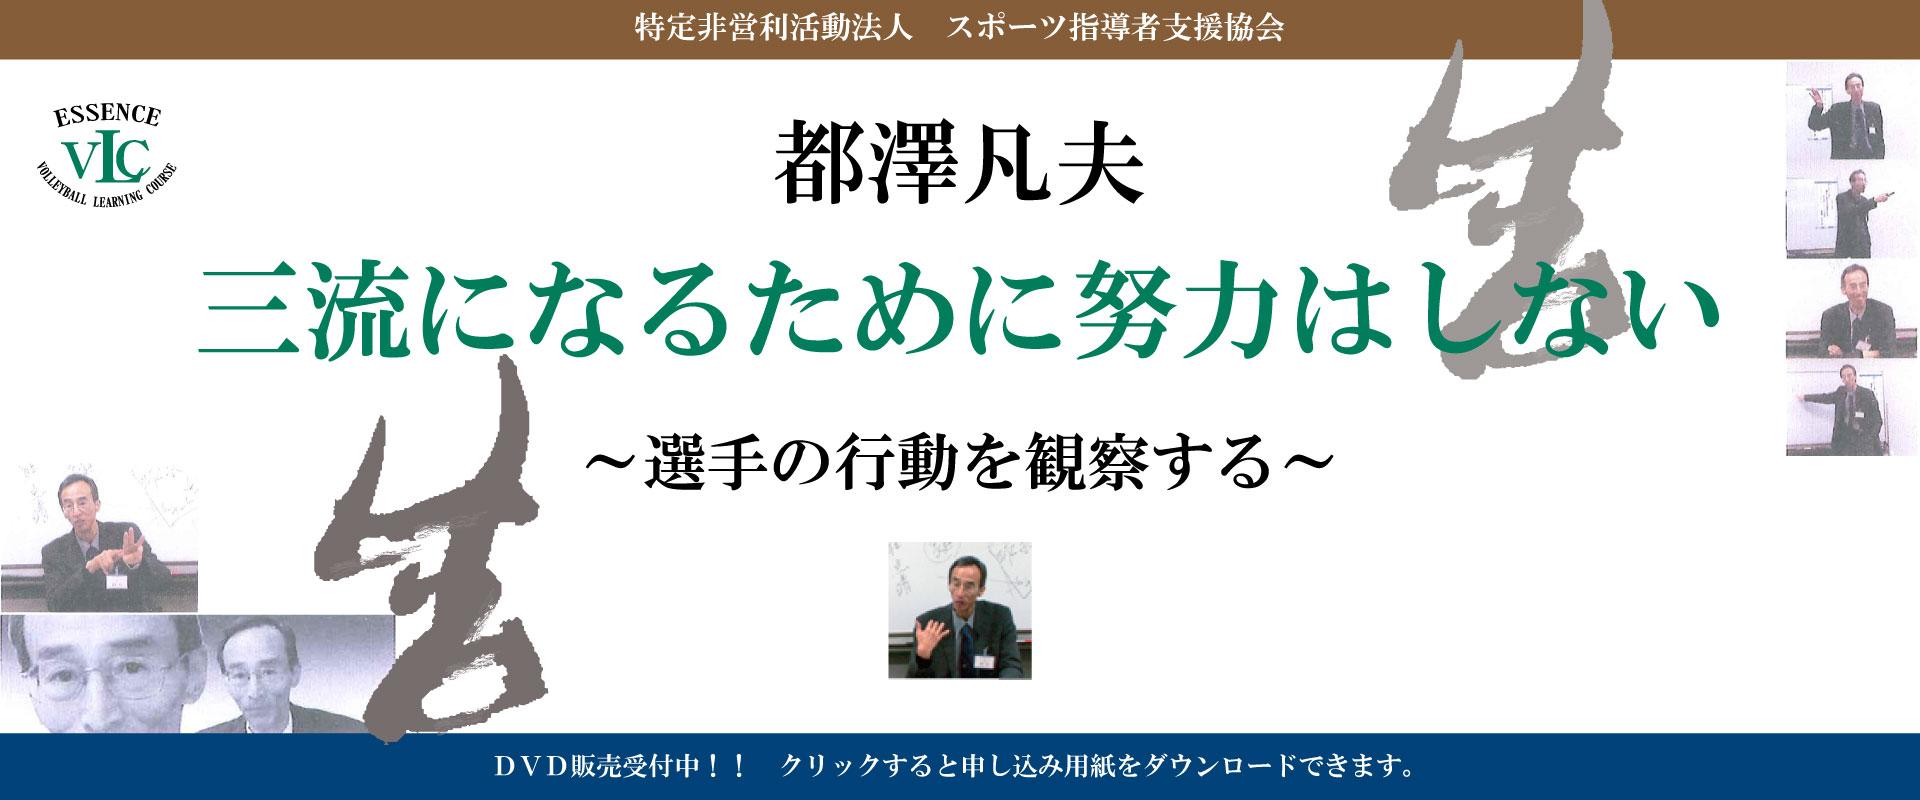 都澤凡夫 三流になるために努力しない〜選手の行動を観察する〜 DVD購入受付中